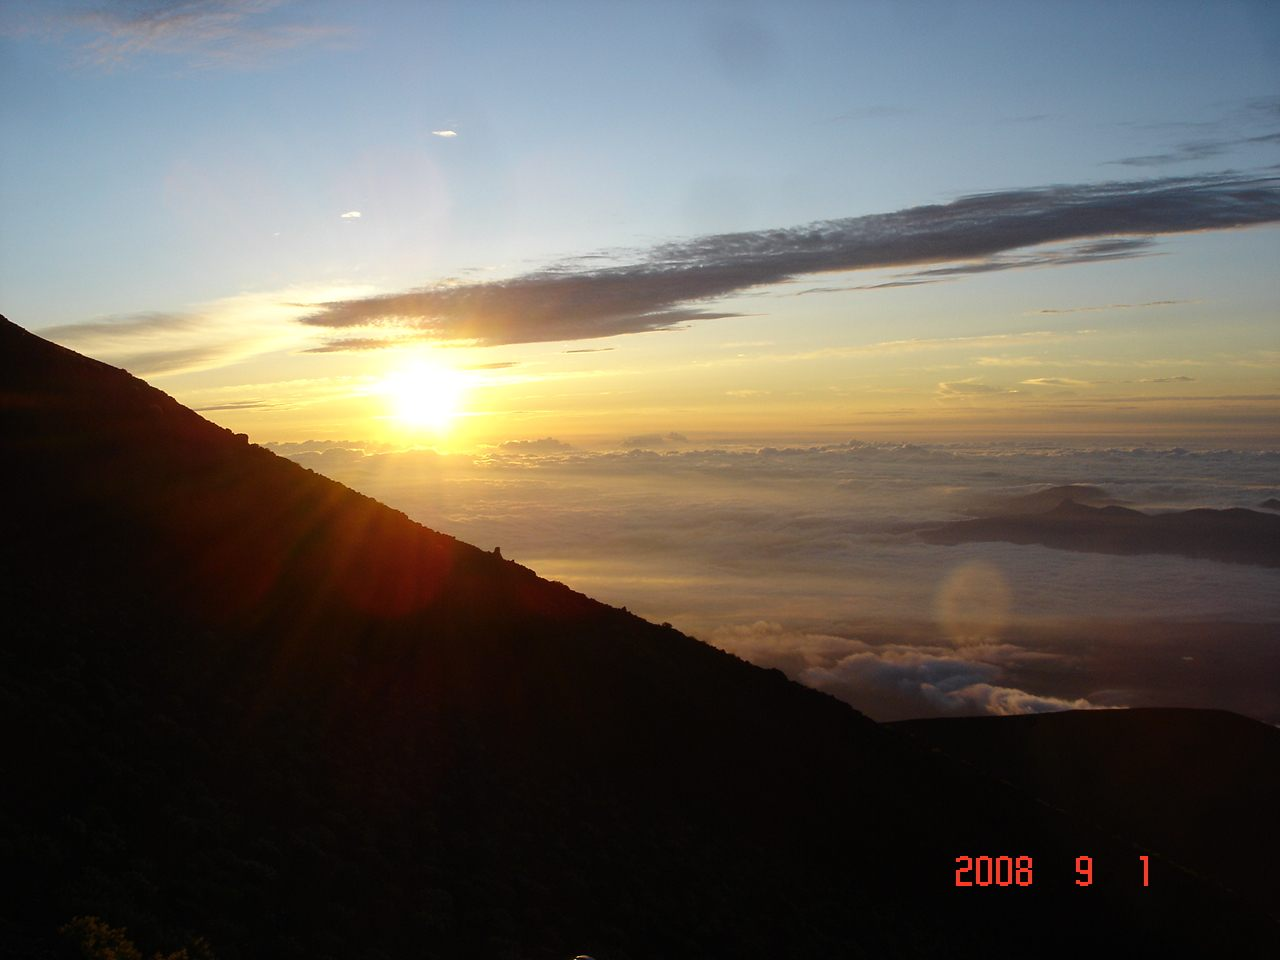 富士登山は過酷だが山小屋は拷問である